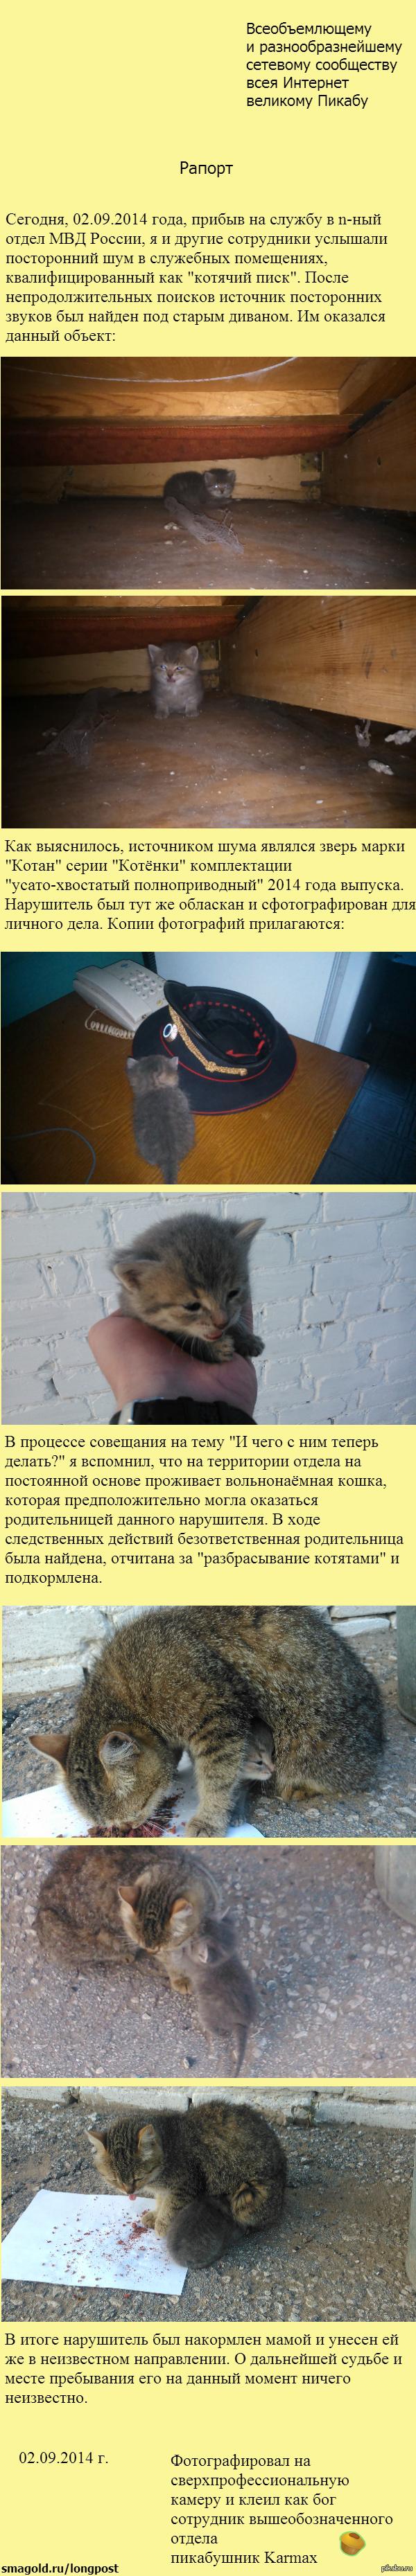 Рапорт о происшествии с семейством котейкиных